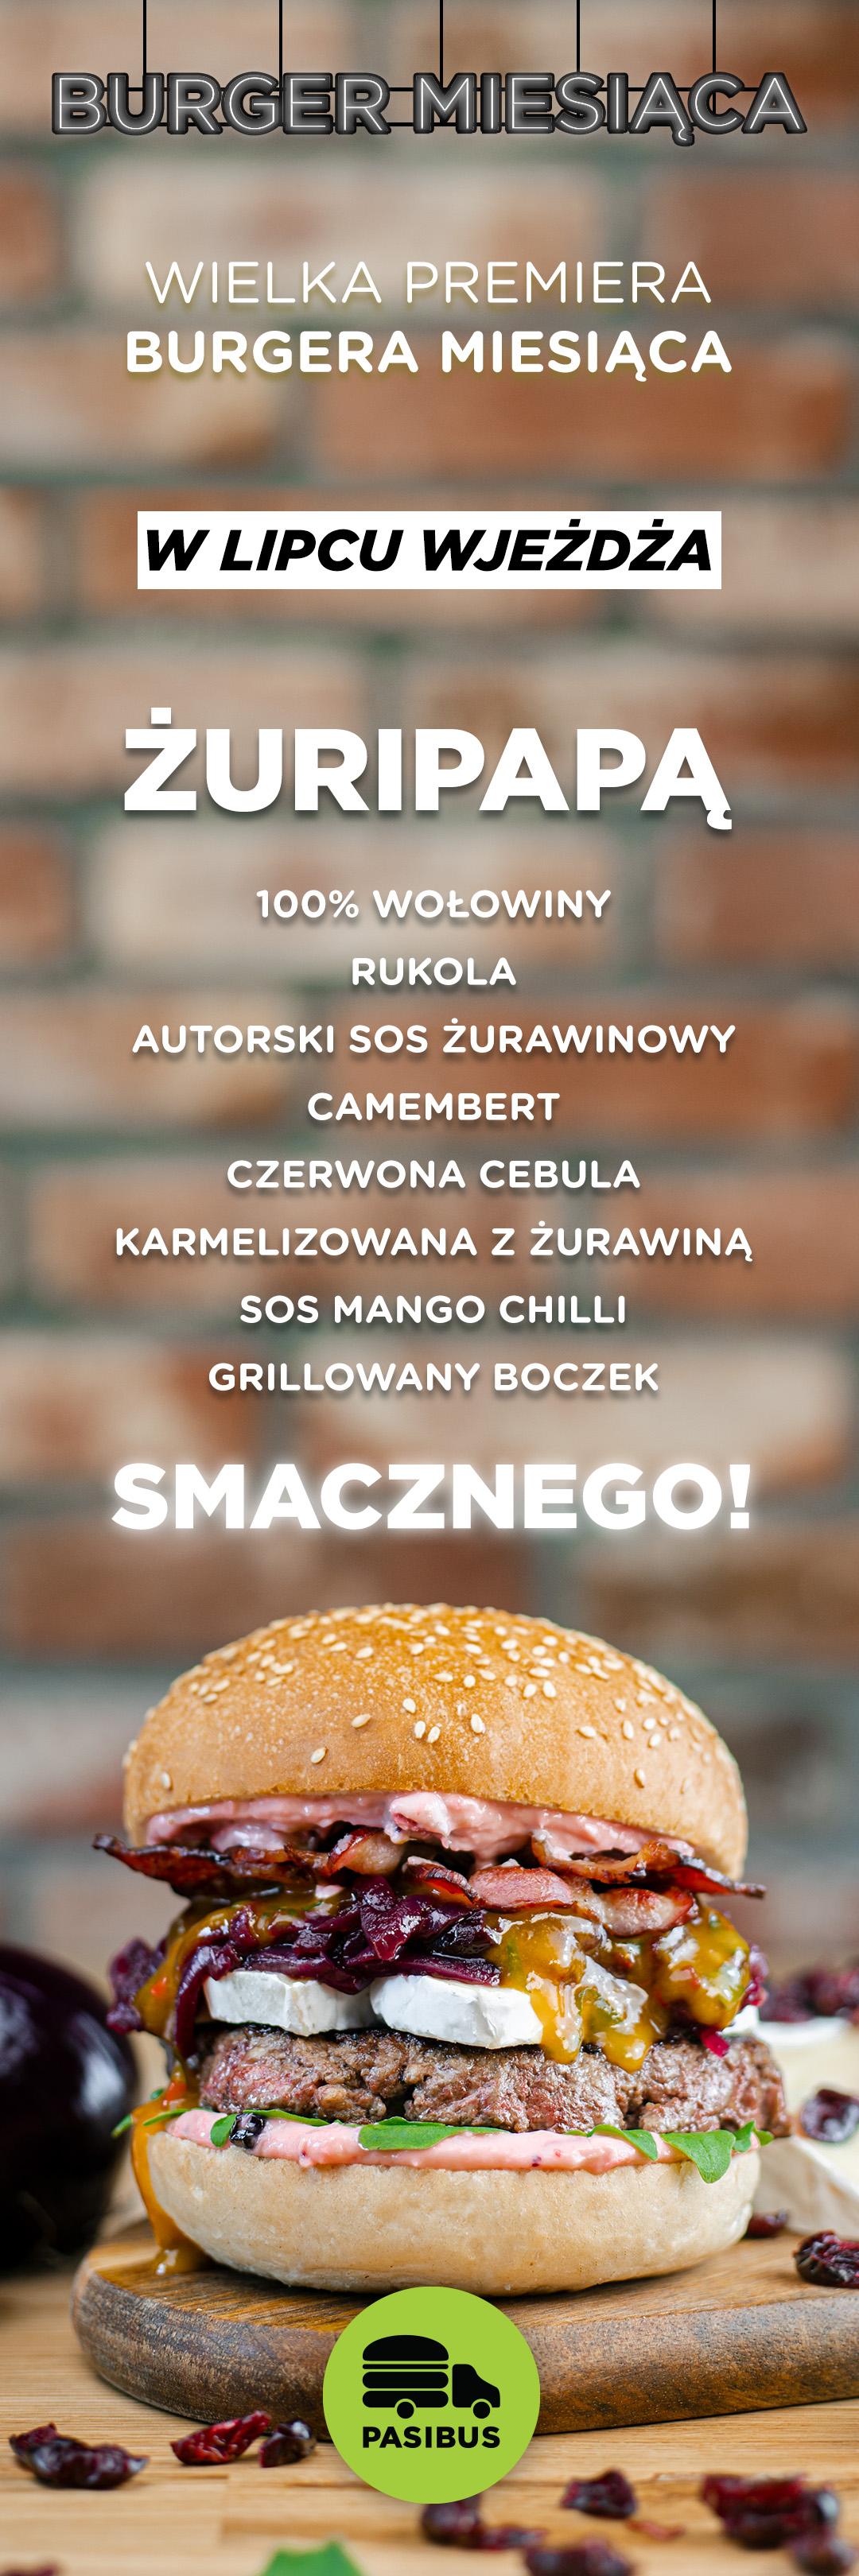 Przedstawiamy burgera miesiąca lipiec 2020 - Żuripapą